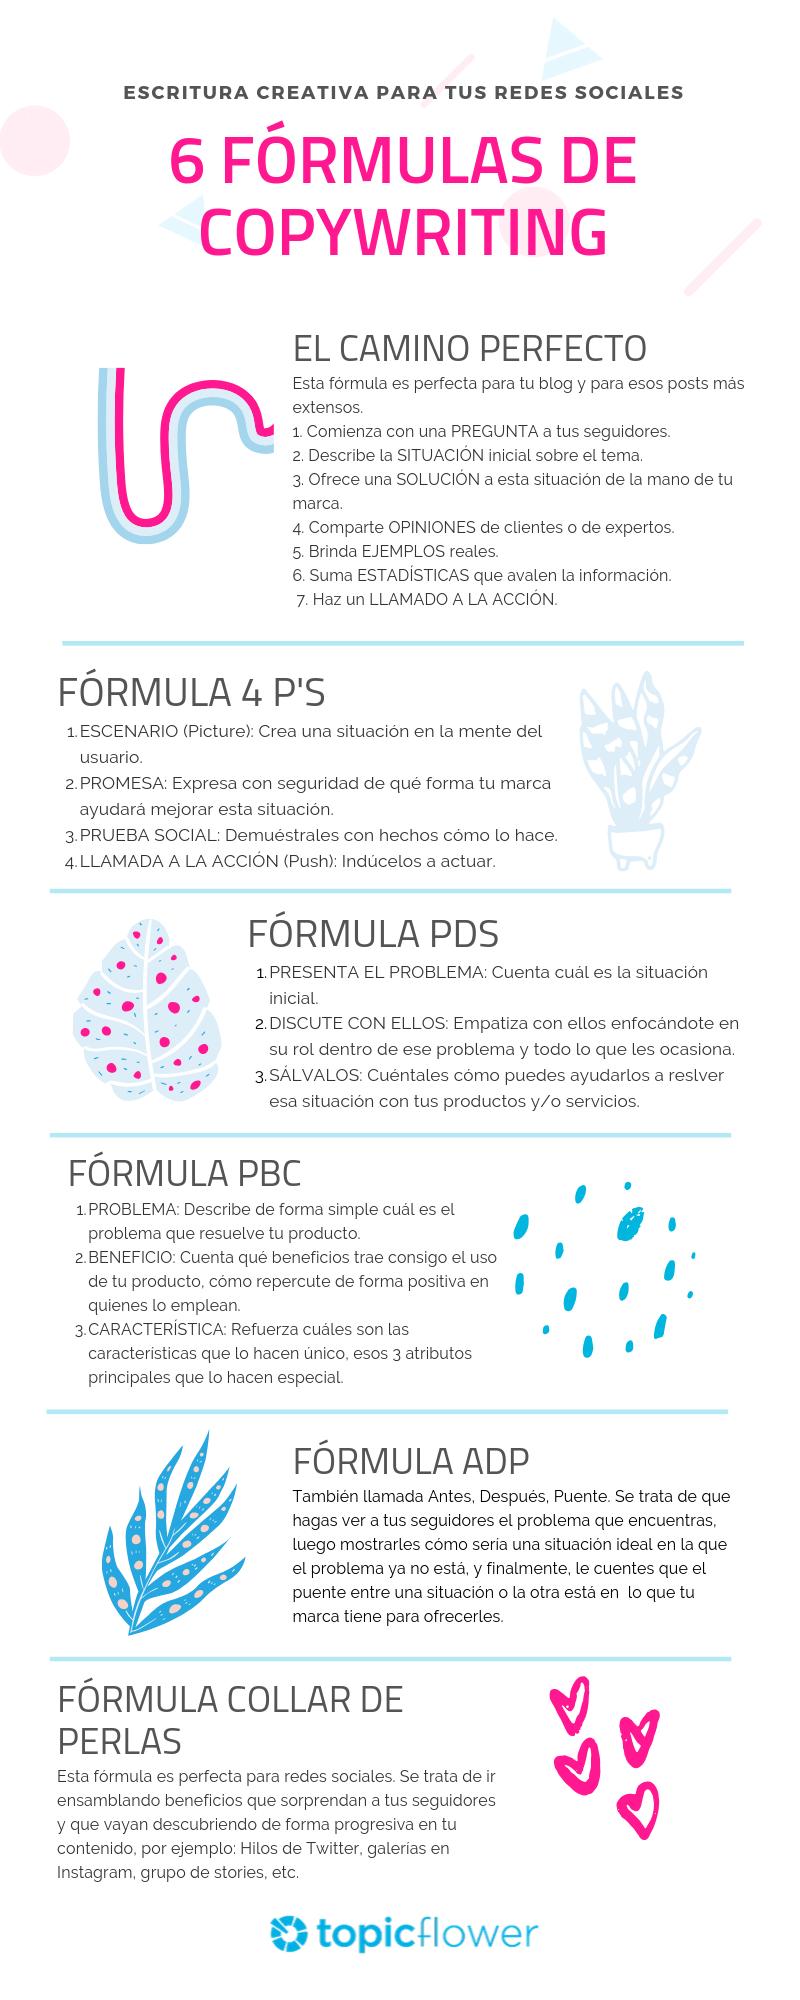 infografia-formulas-copyawriting